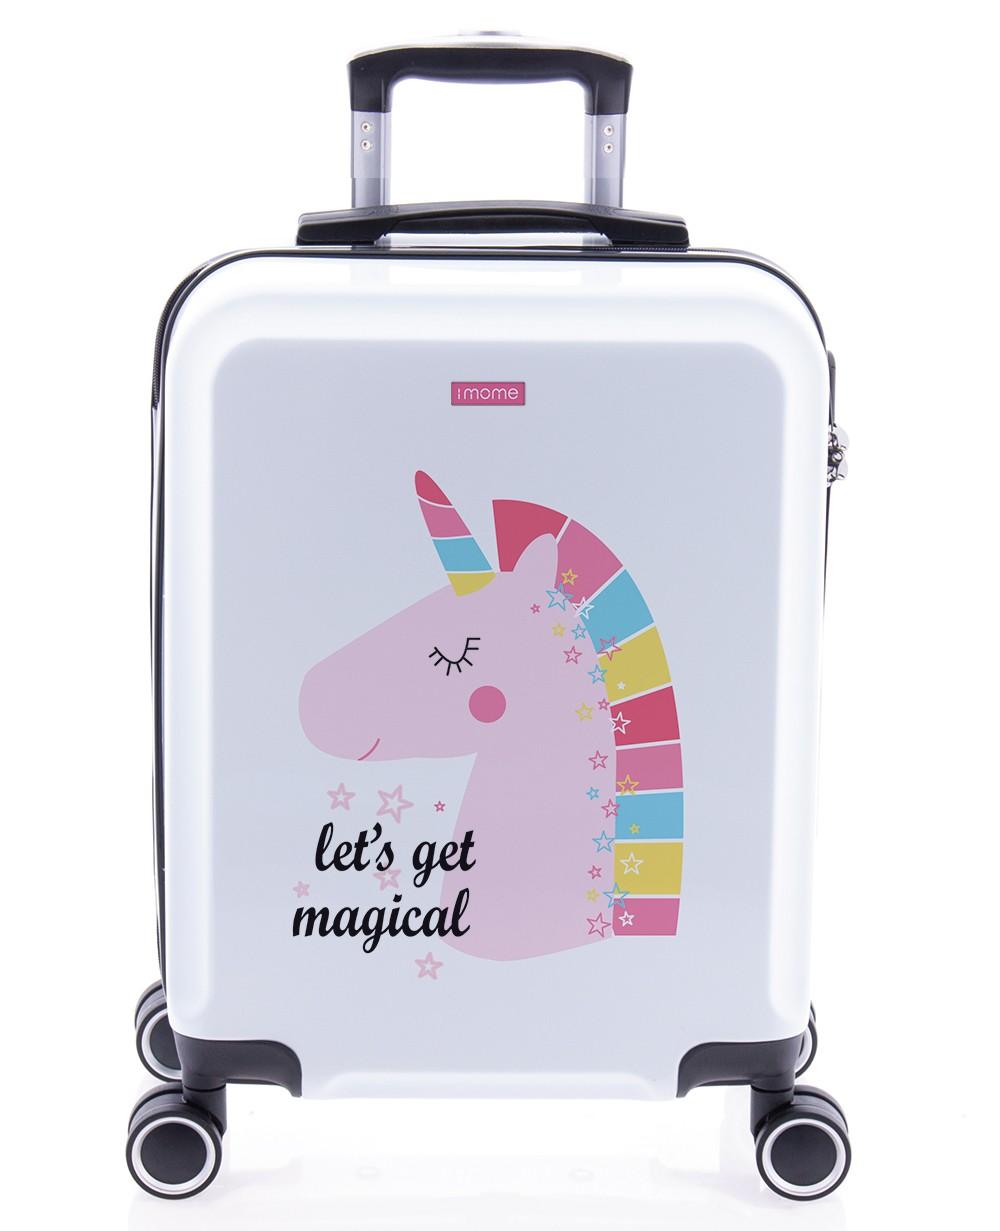 imome Cool Maleta de mano Let's get Magical Unicornio (Foto )